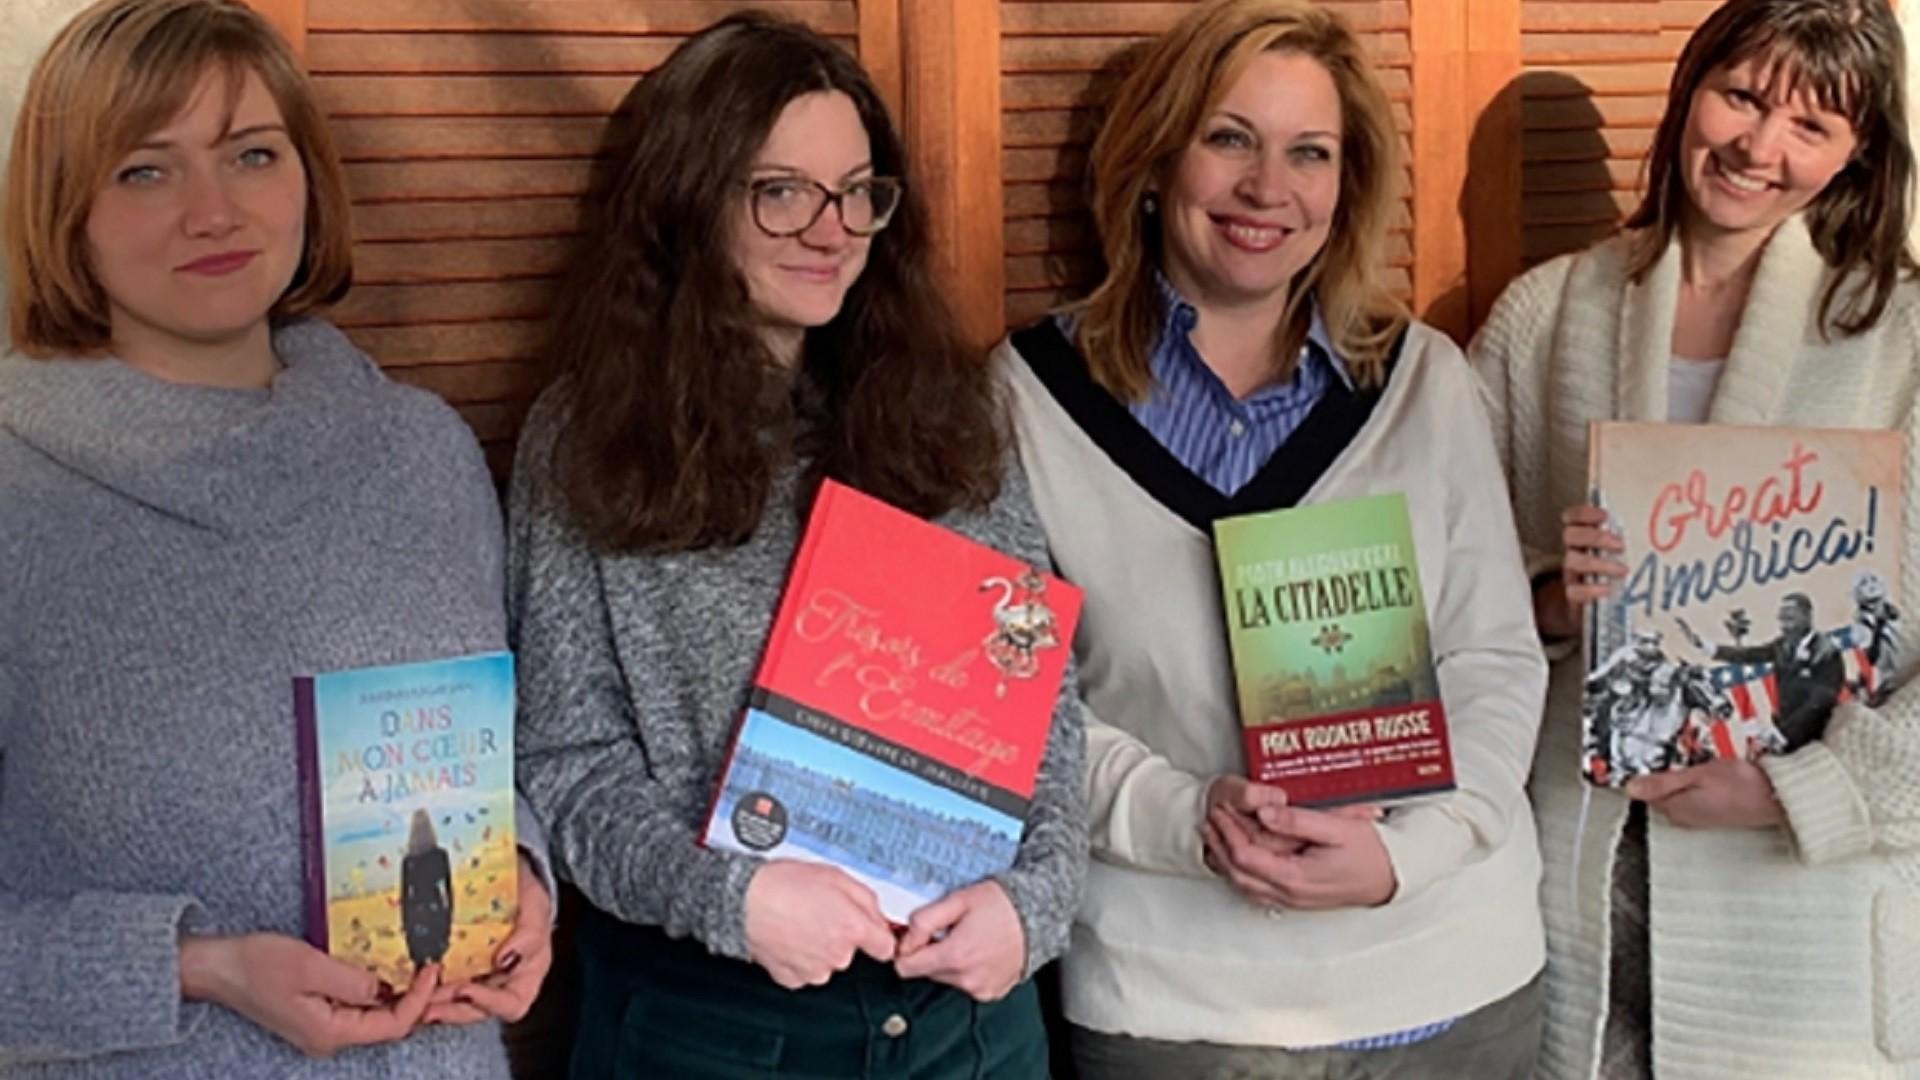 L'équipe de Macha Publishing, avec Marie Renault (deuxième en partant de la droite) et Alexandra Calmès (deuxième en partant de la gauche)